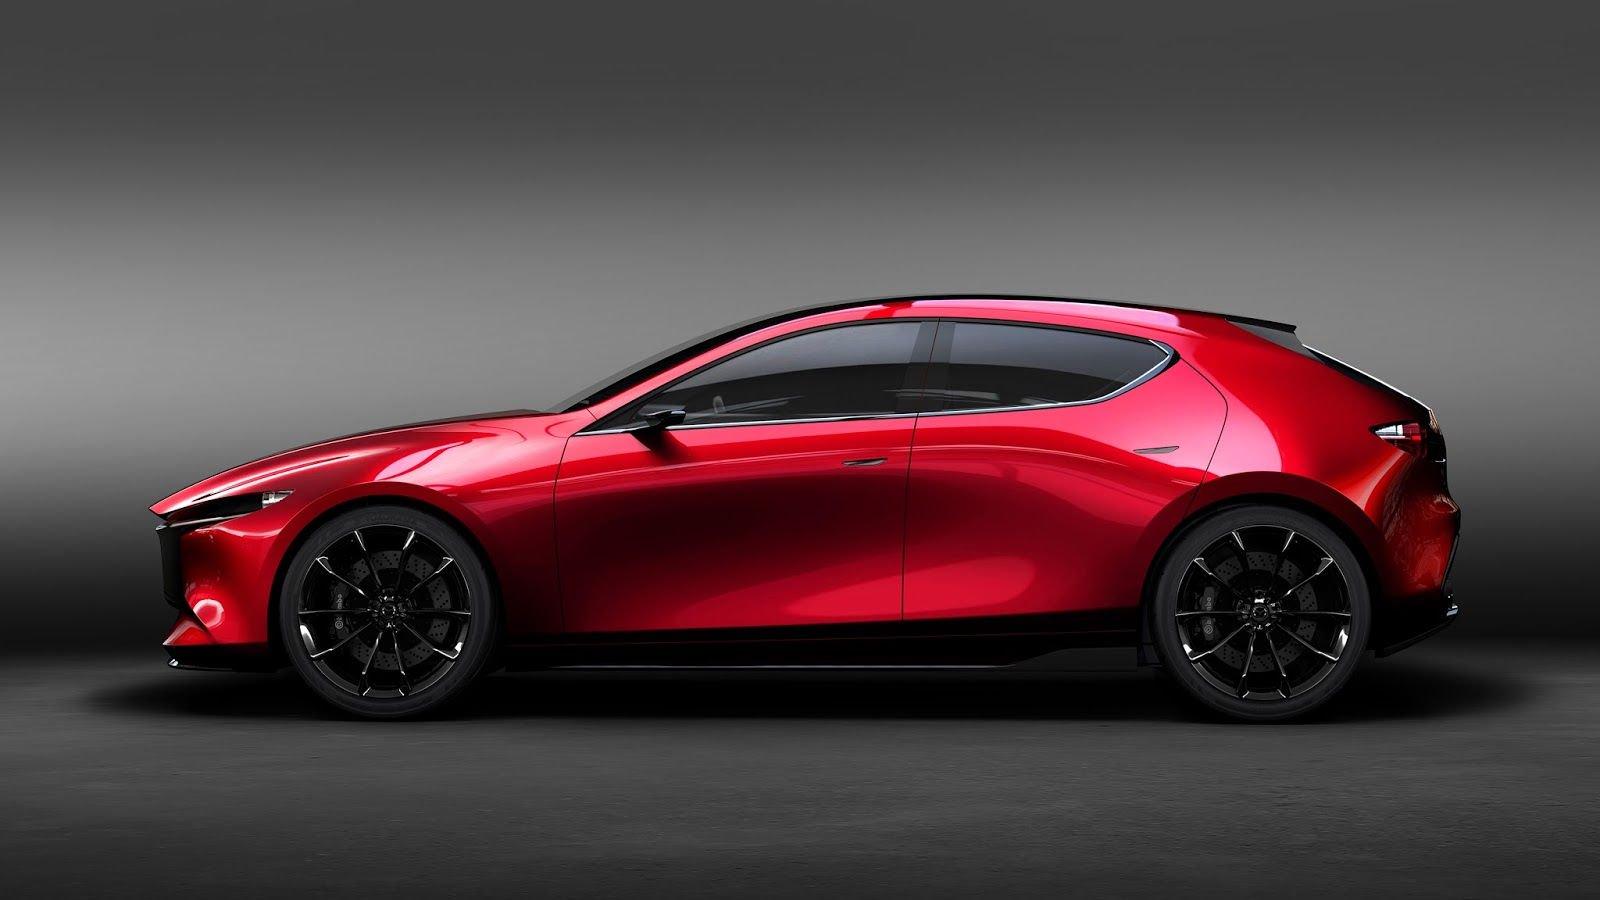 Mazda3-2019-Van-chay-xang-nhung-sach-nhu-dong-co-diesel-anh-2